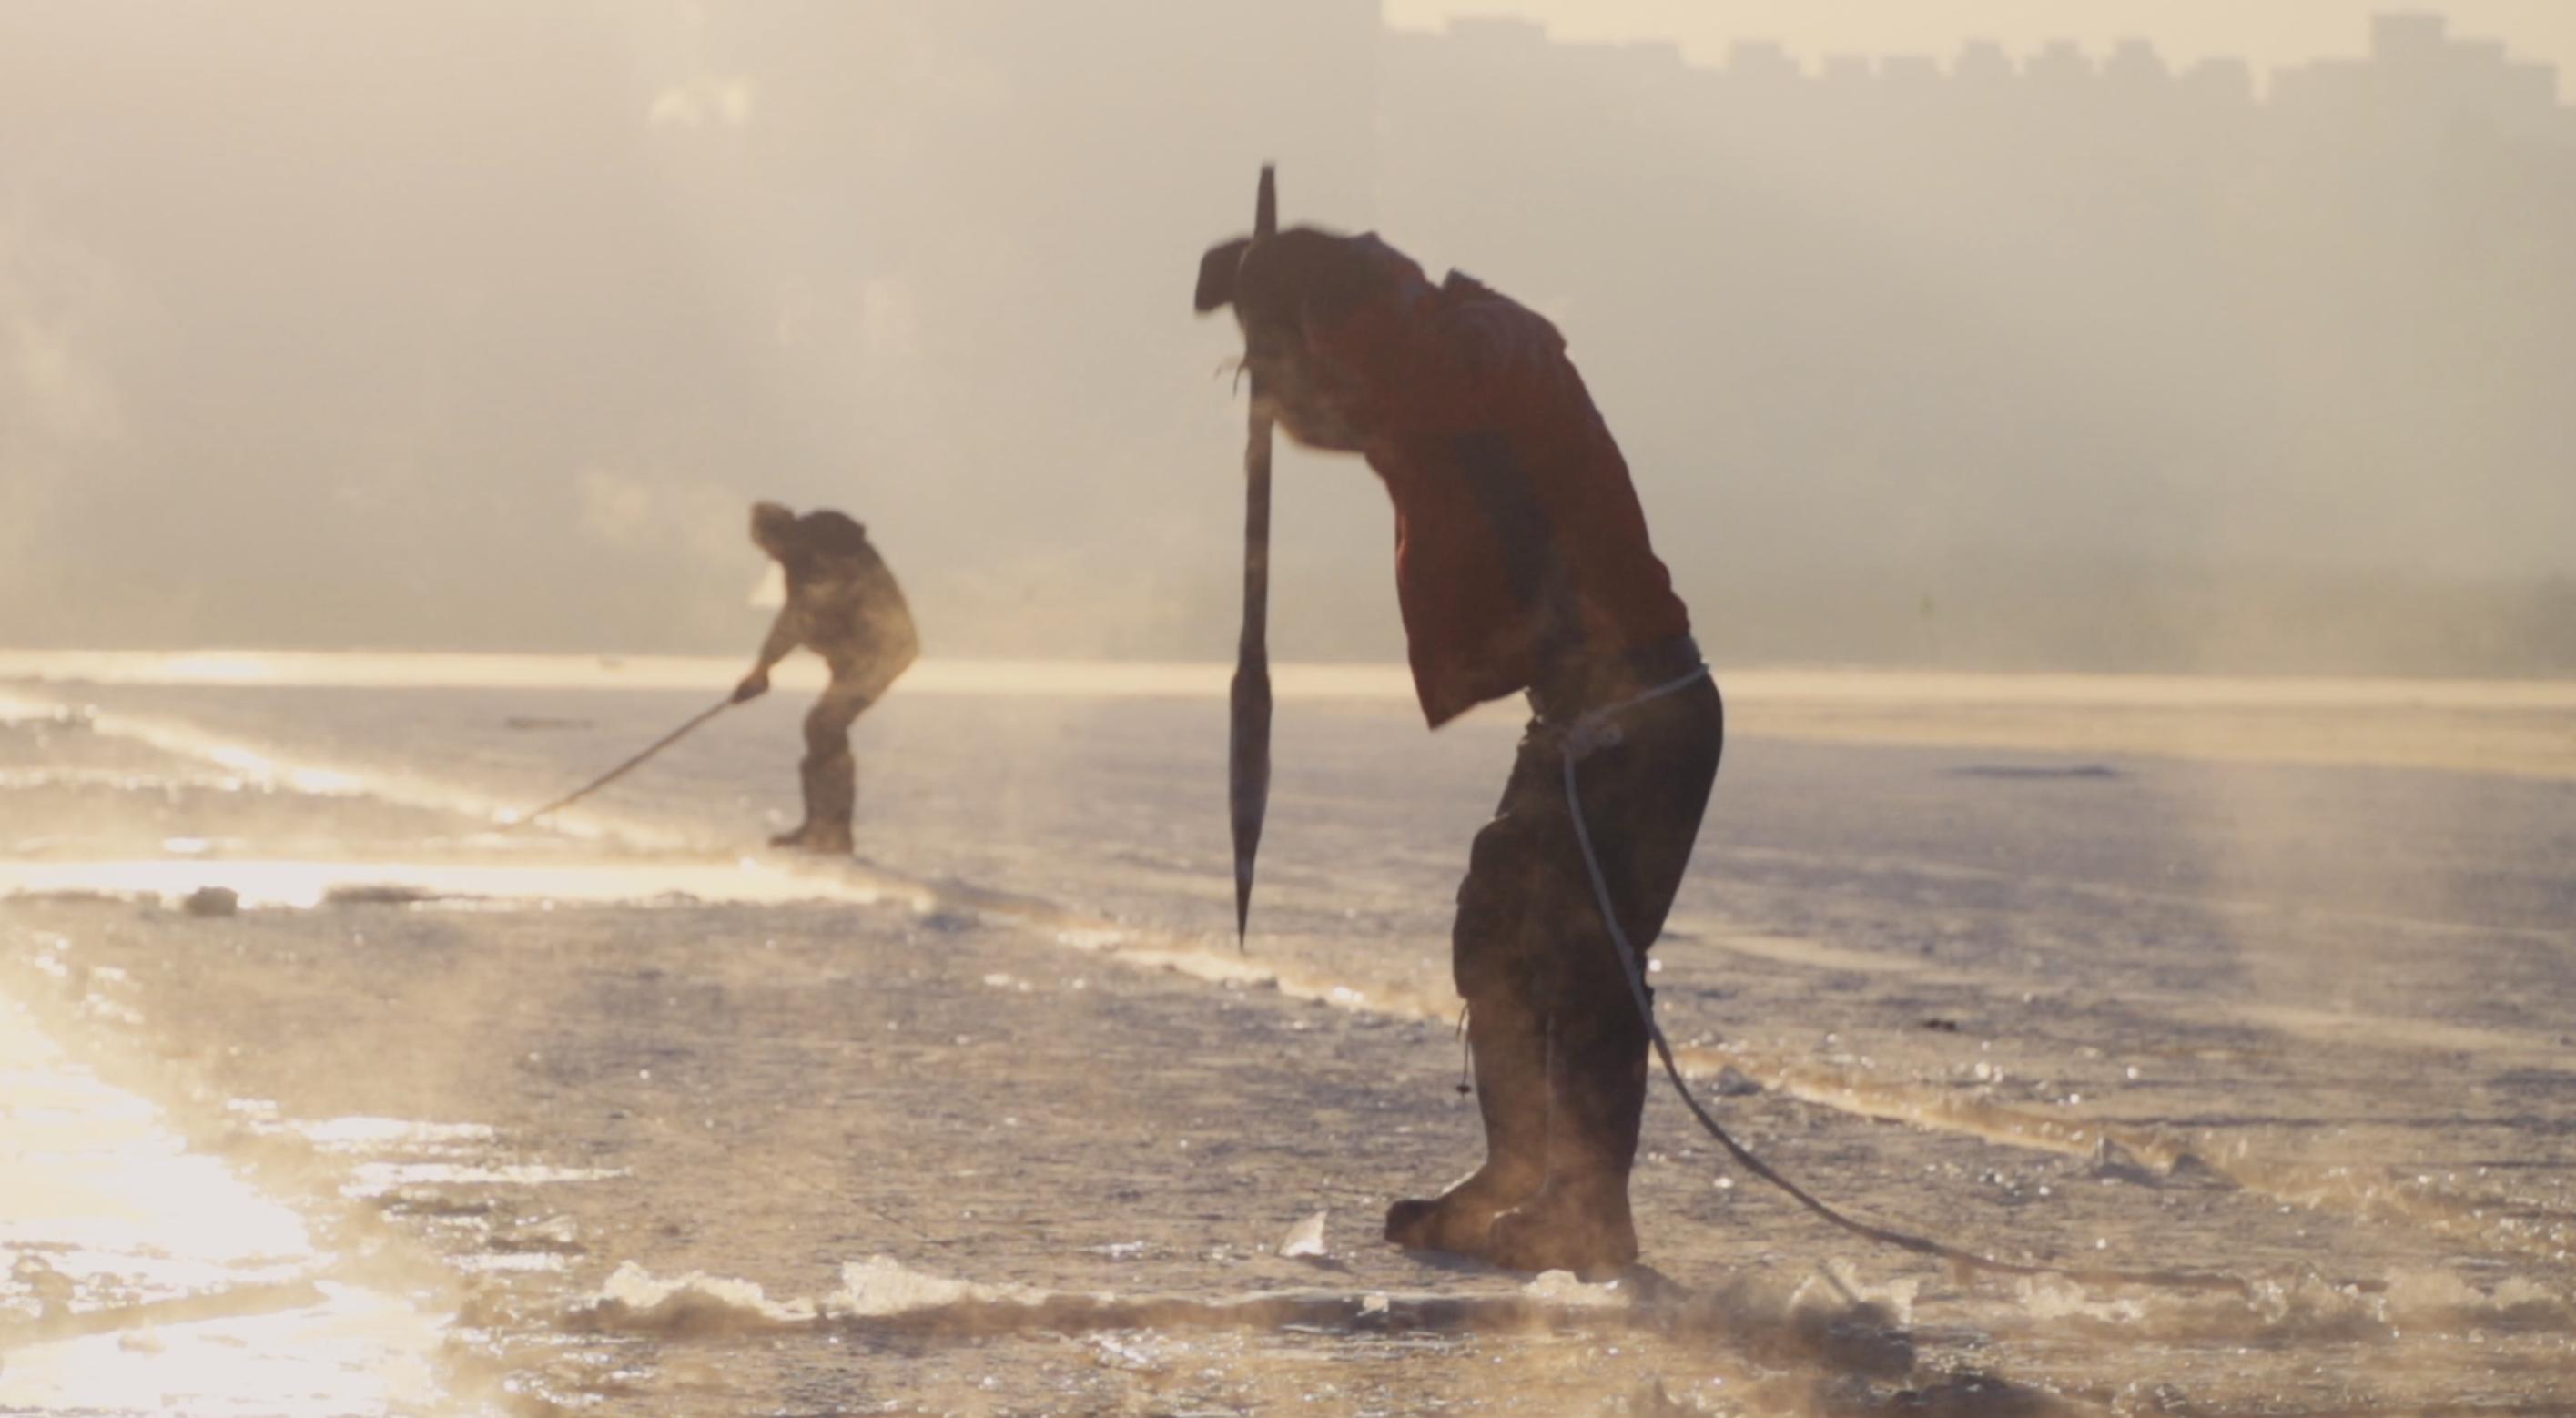 冰水餃子、潑水成冰...這些吃法玩法盡現首屆哈爾濱採冰節